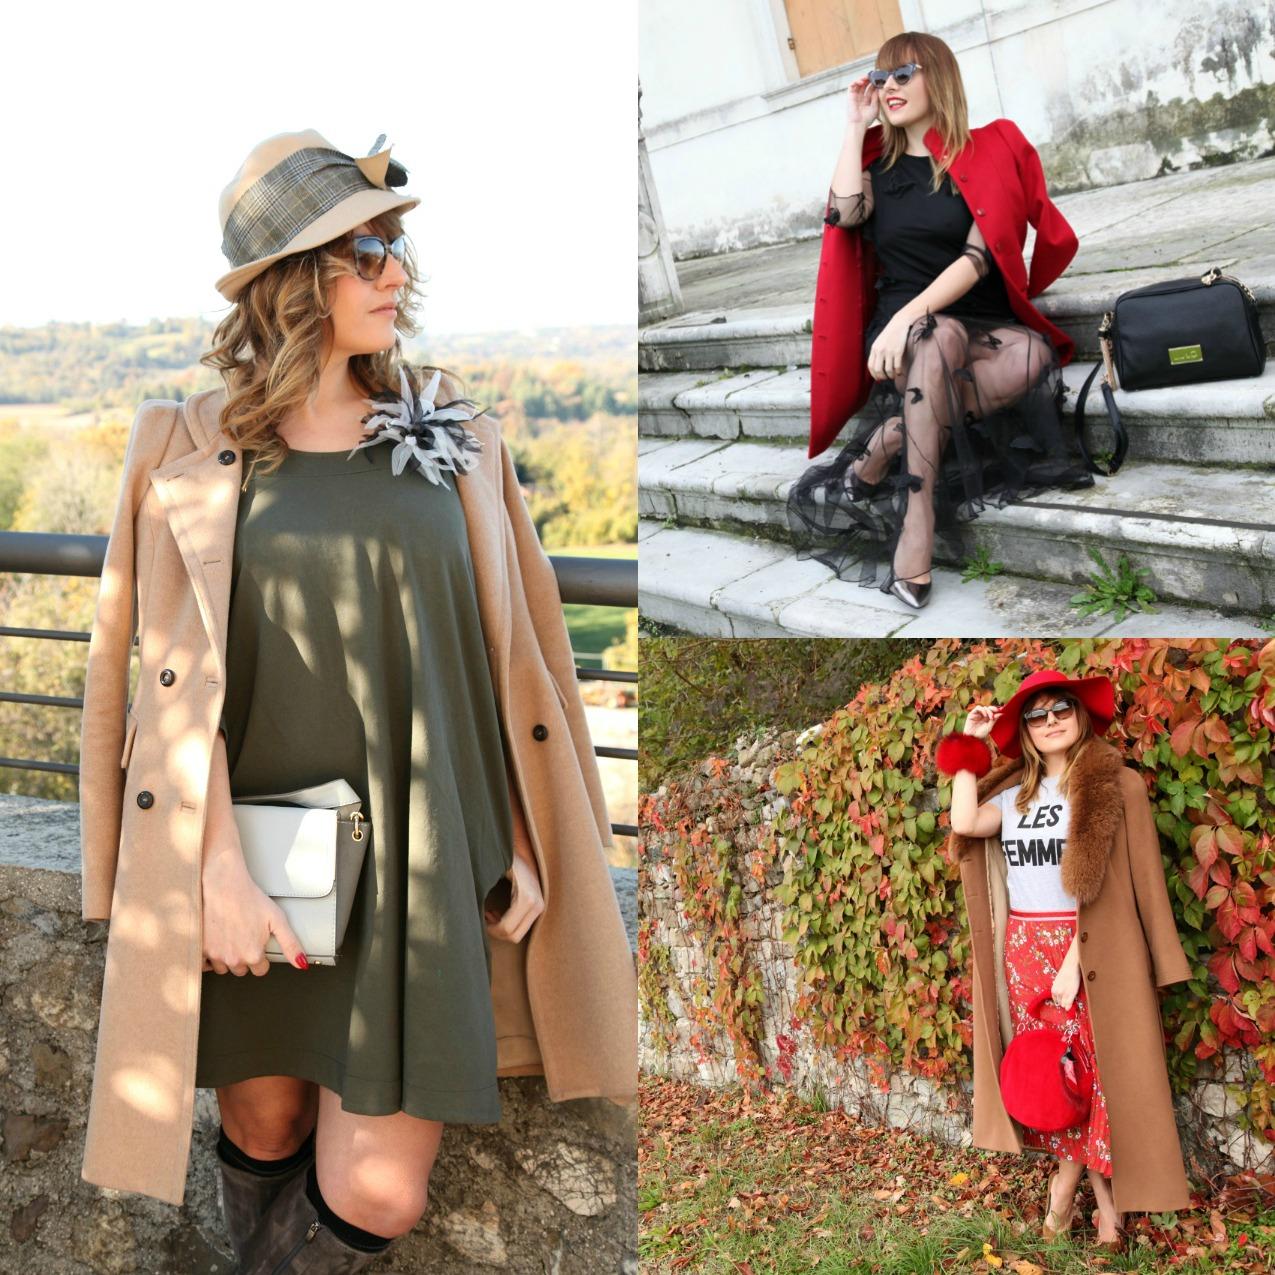 Outfit per il seno piccolo: storie di bellezza, donne e sentimenti, alessia milanese, thechilicool, fashion blog, fashion blogger